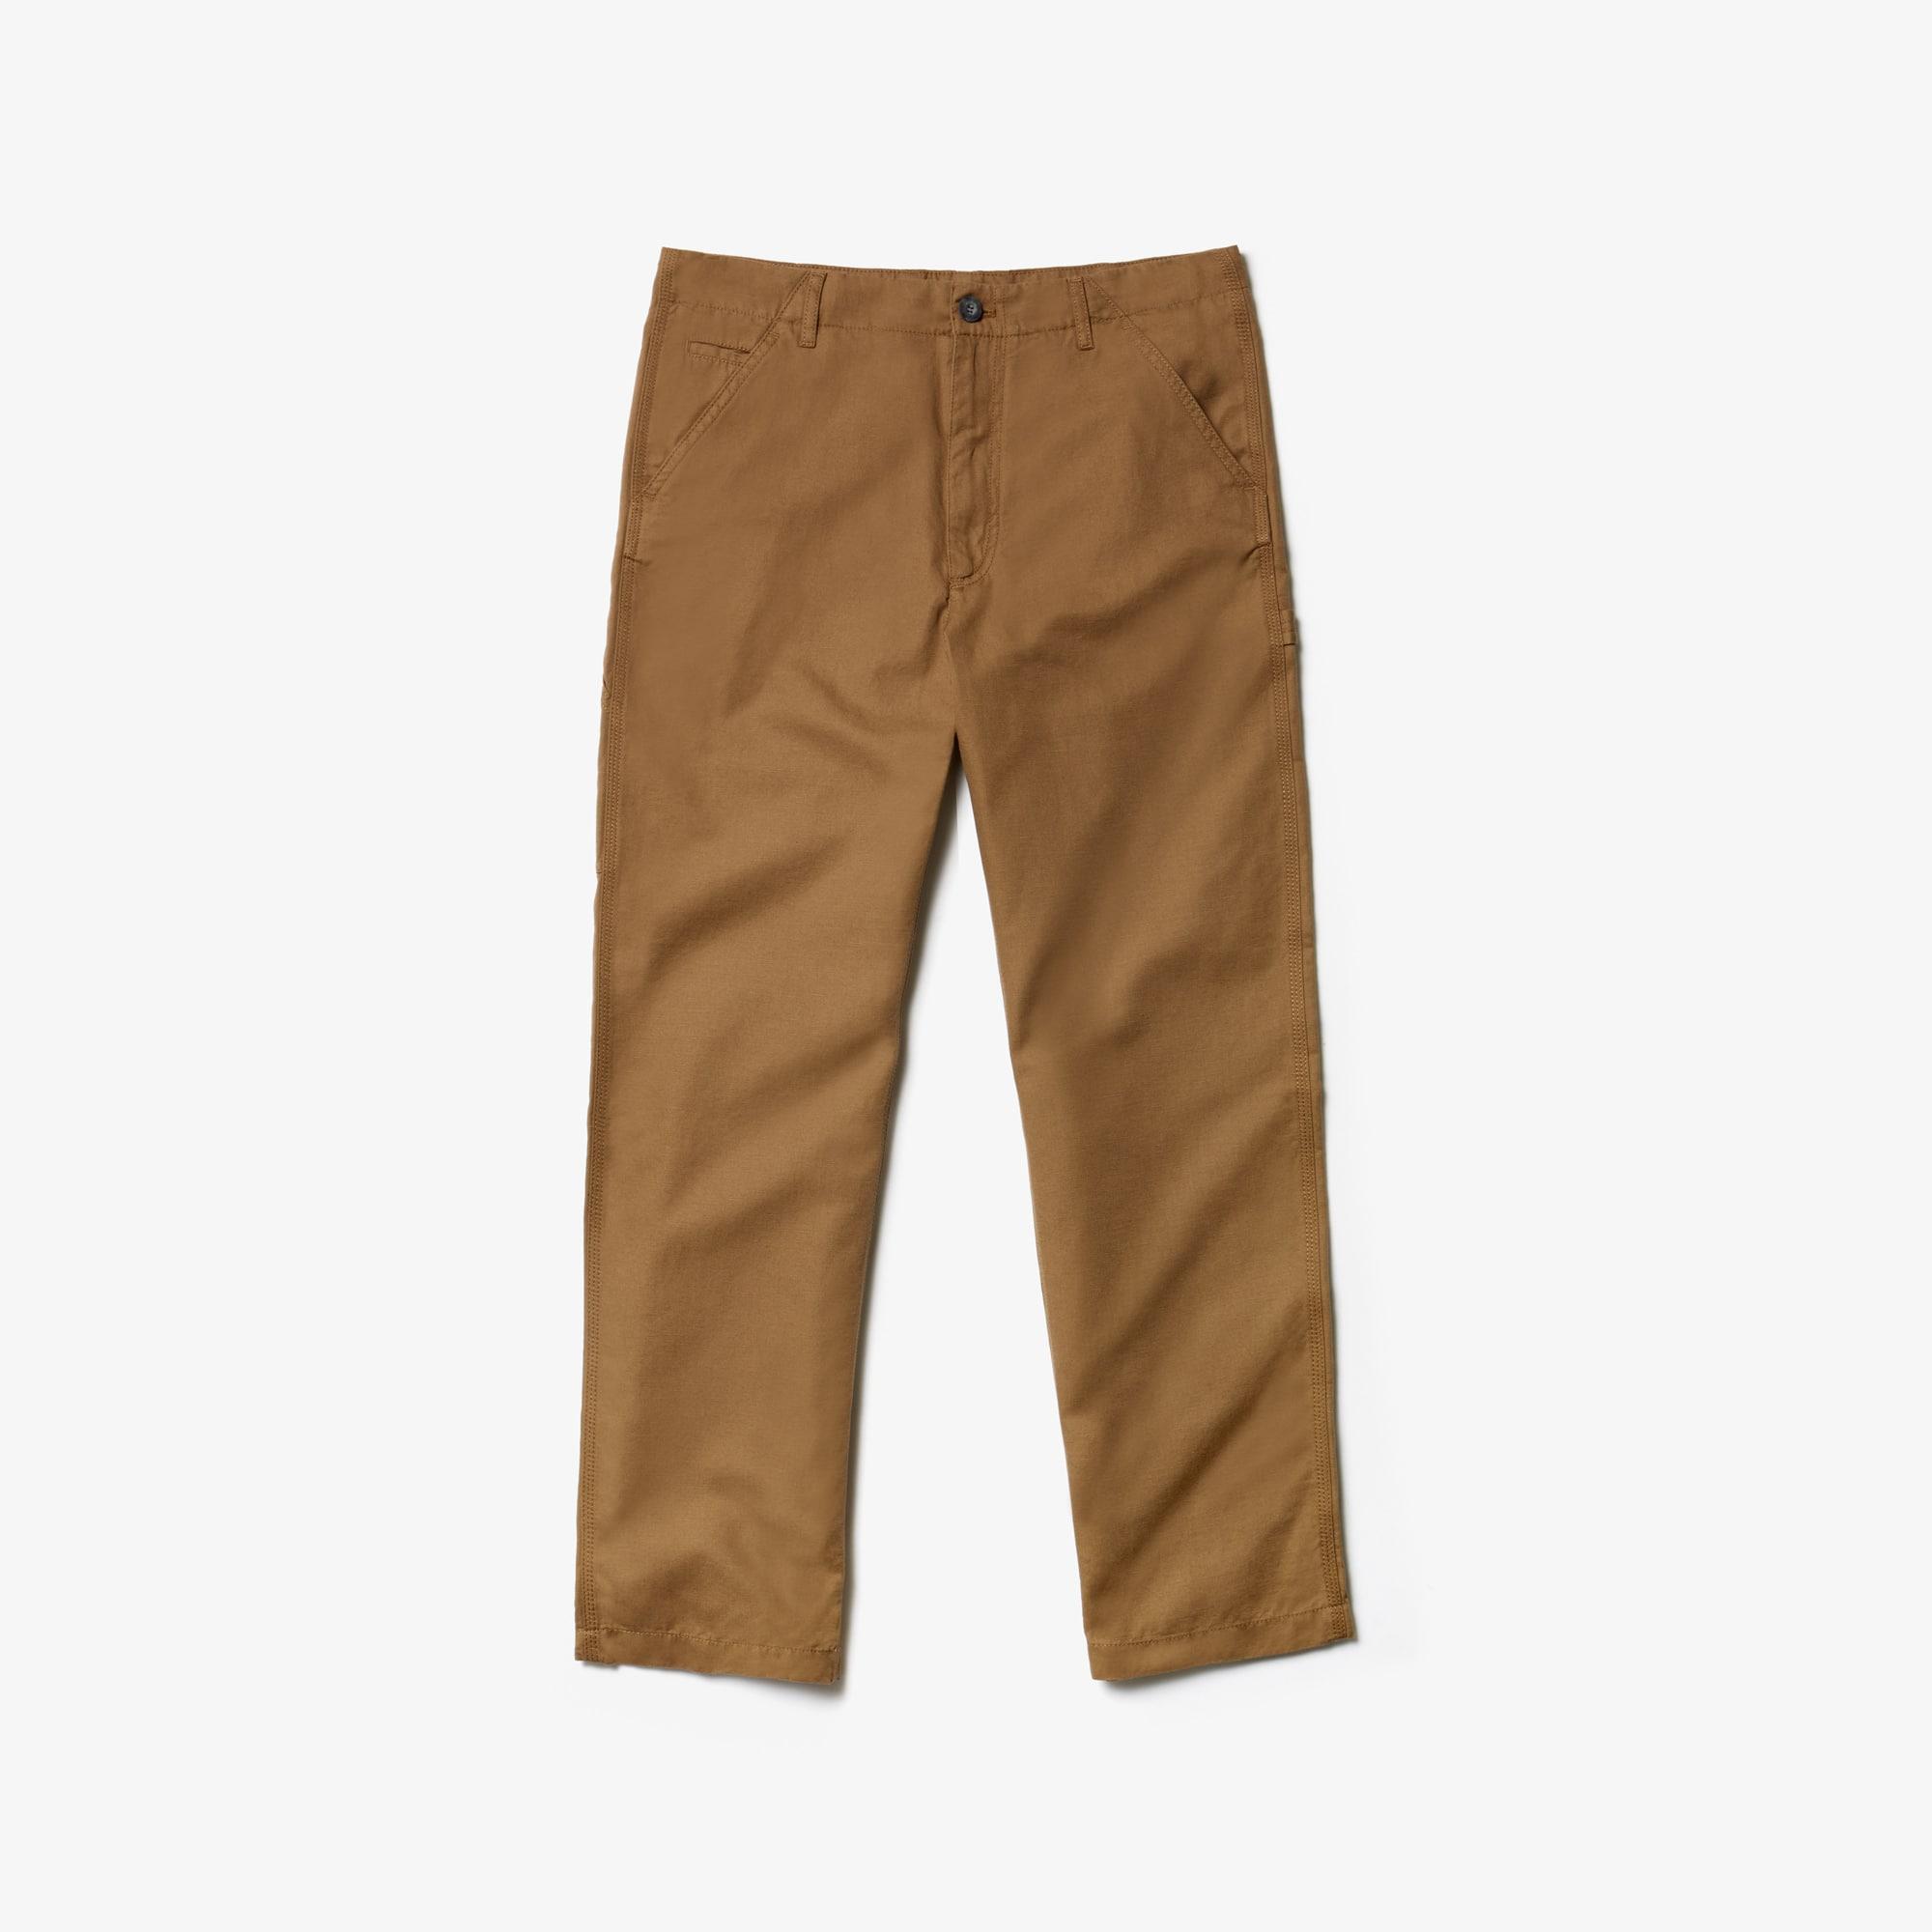 라코스테 Lacoste Mens Relaxed Fit Lightweight Cotton And Linen Chinos,Brown